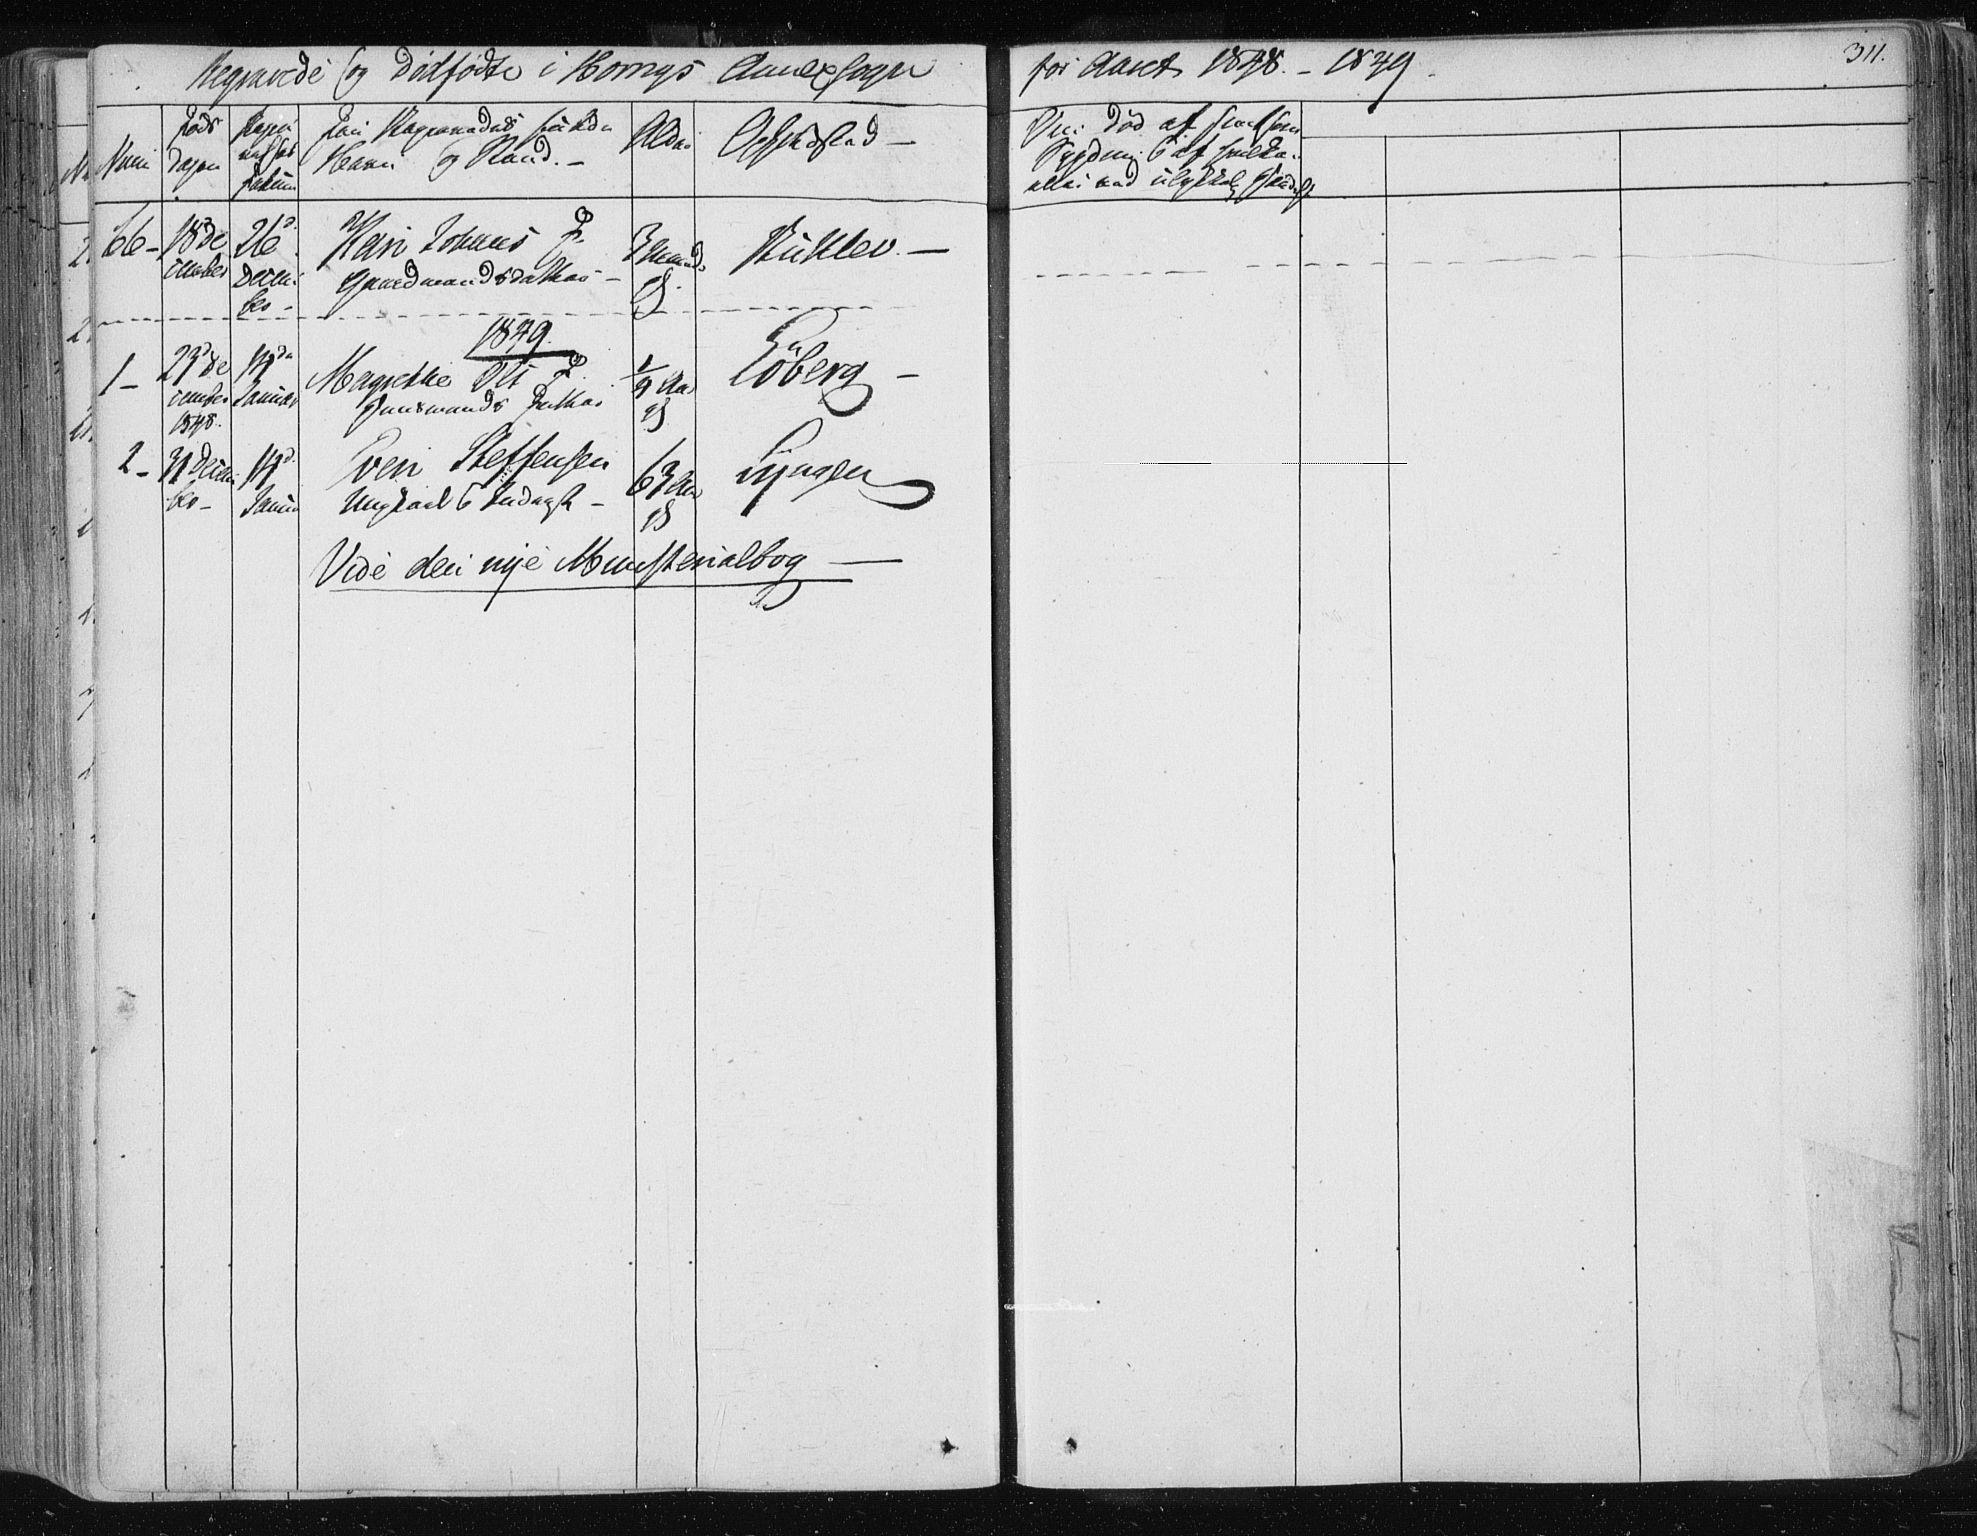 SAT, Ministerialprotokoller, klokkerbøker og fødselsregistre - Sør-Trøndelag, 687/L0998: Ministerialbok nr. 687A05 /2, 1843-1849, s. 311